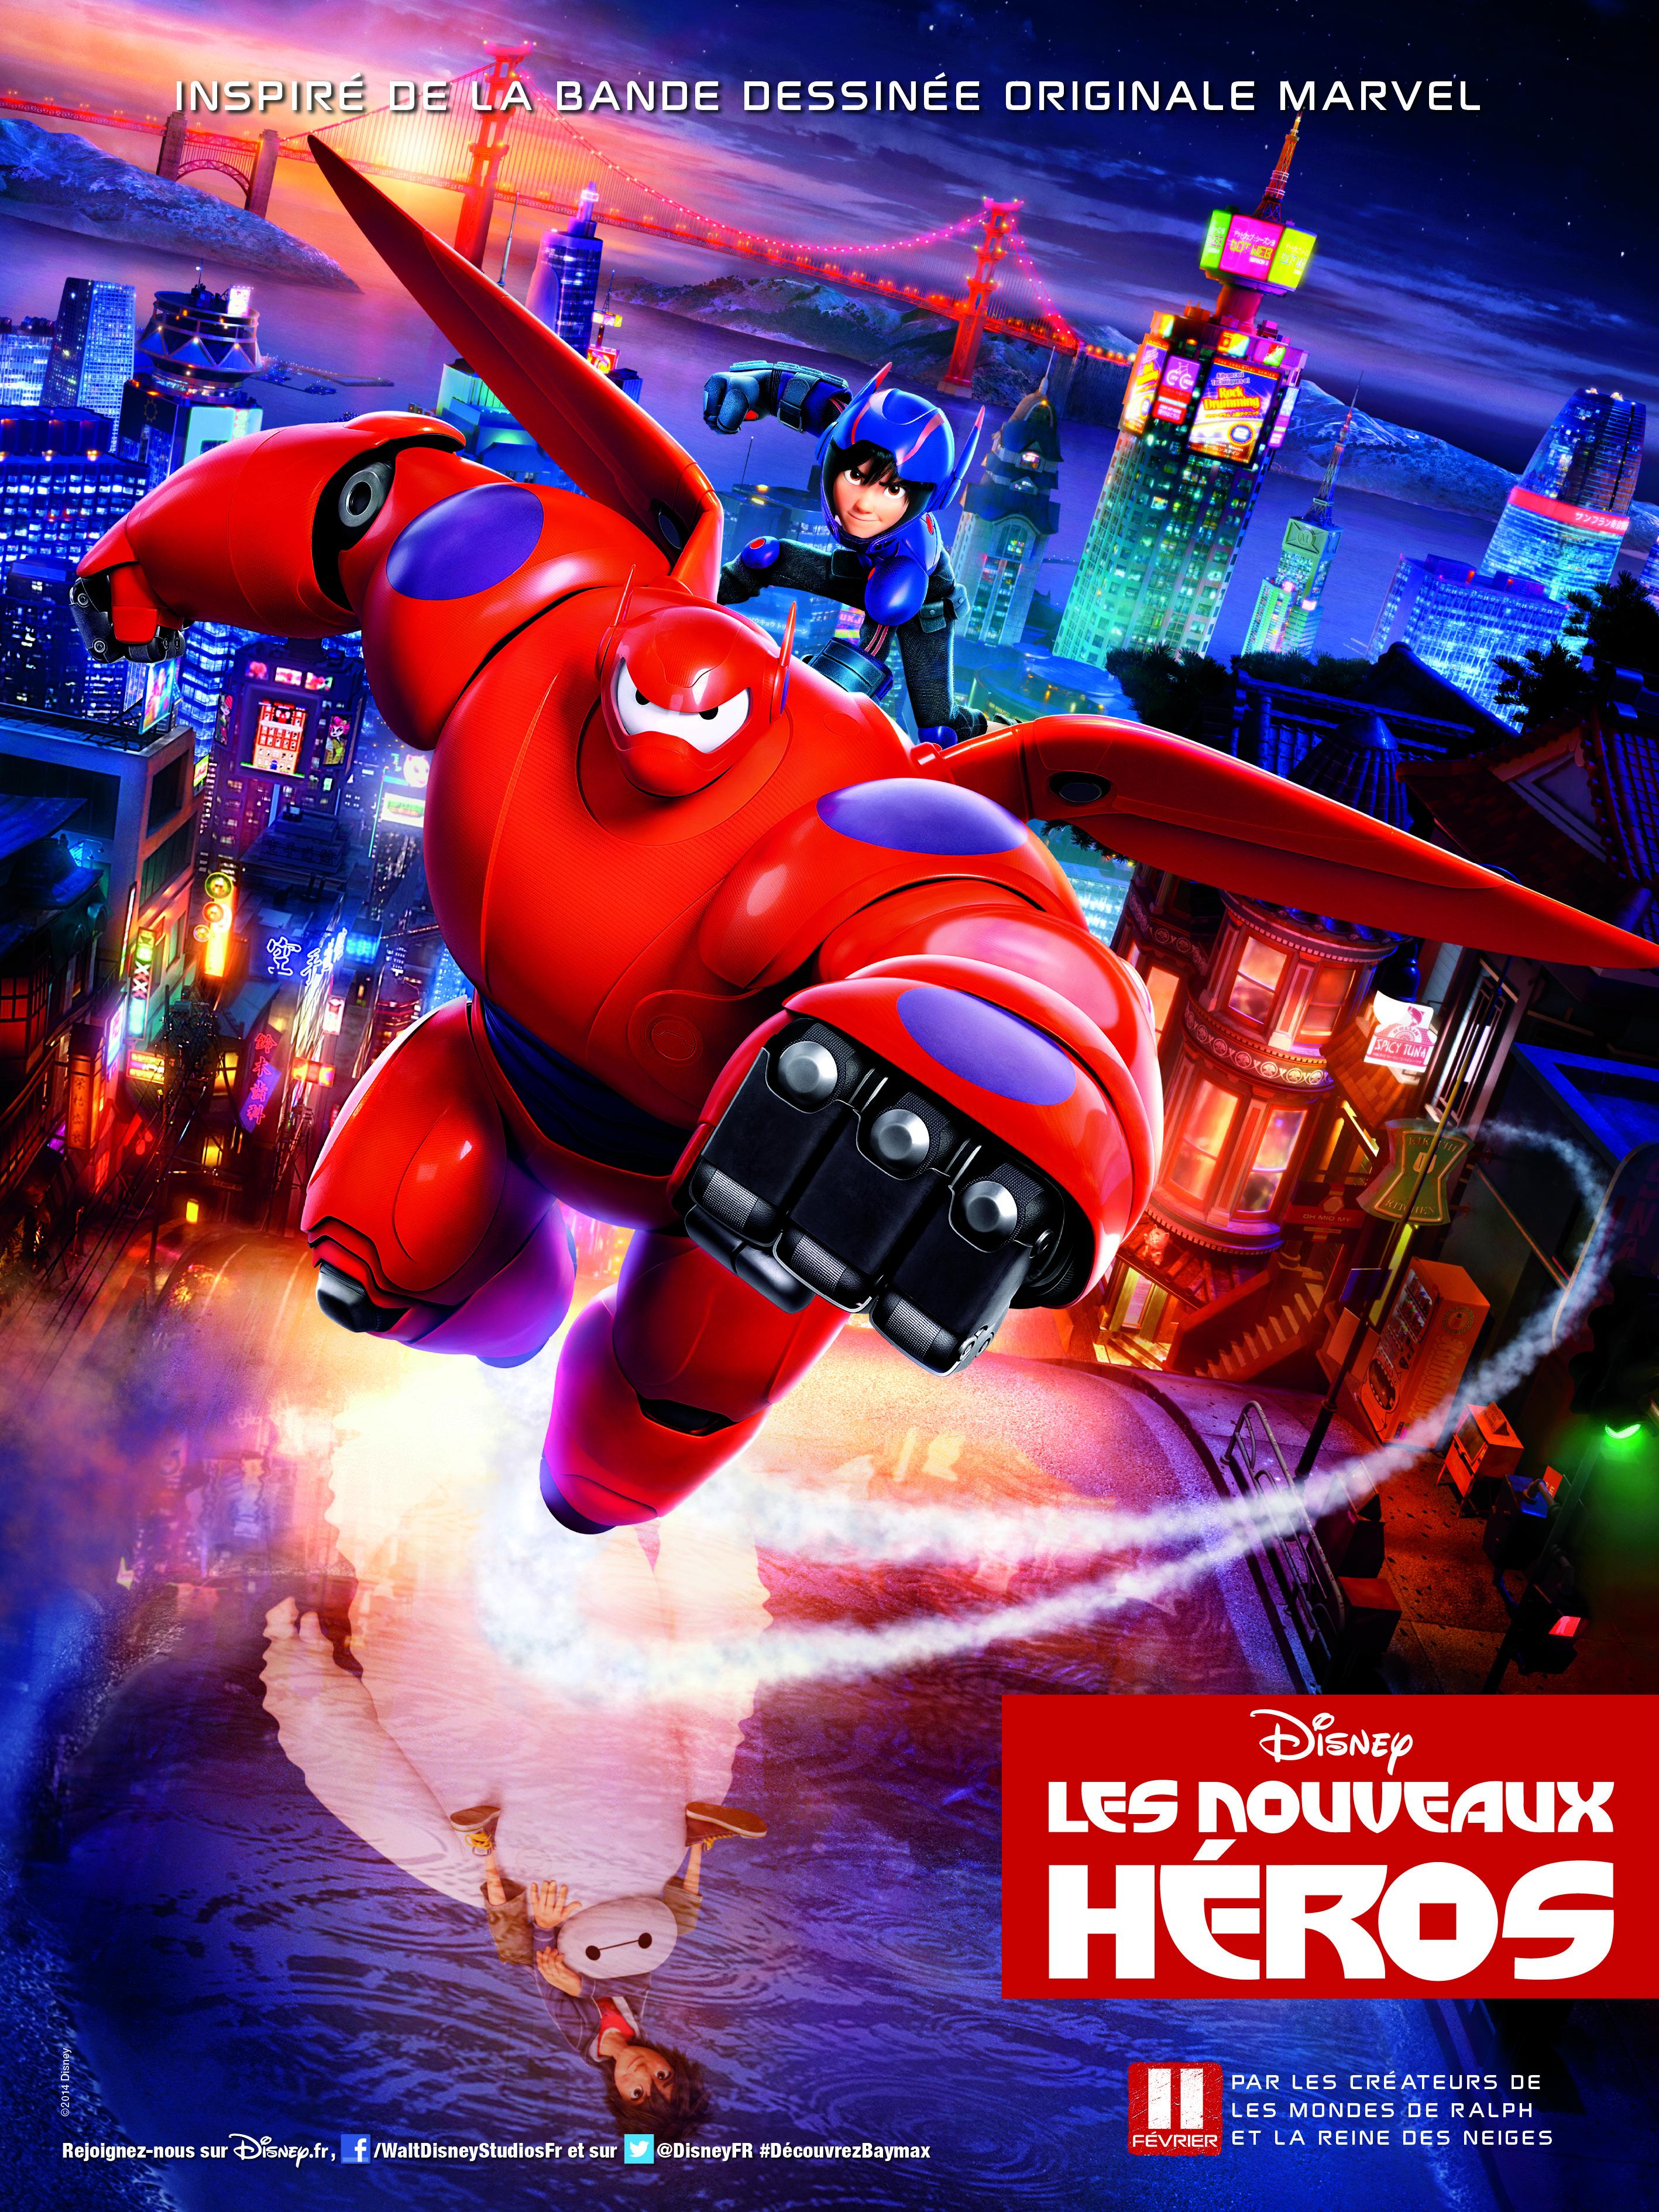 LES NOUVEAUX HEROS - Go with the Blog - Affiche du film